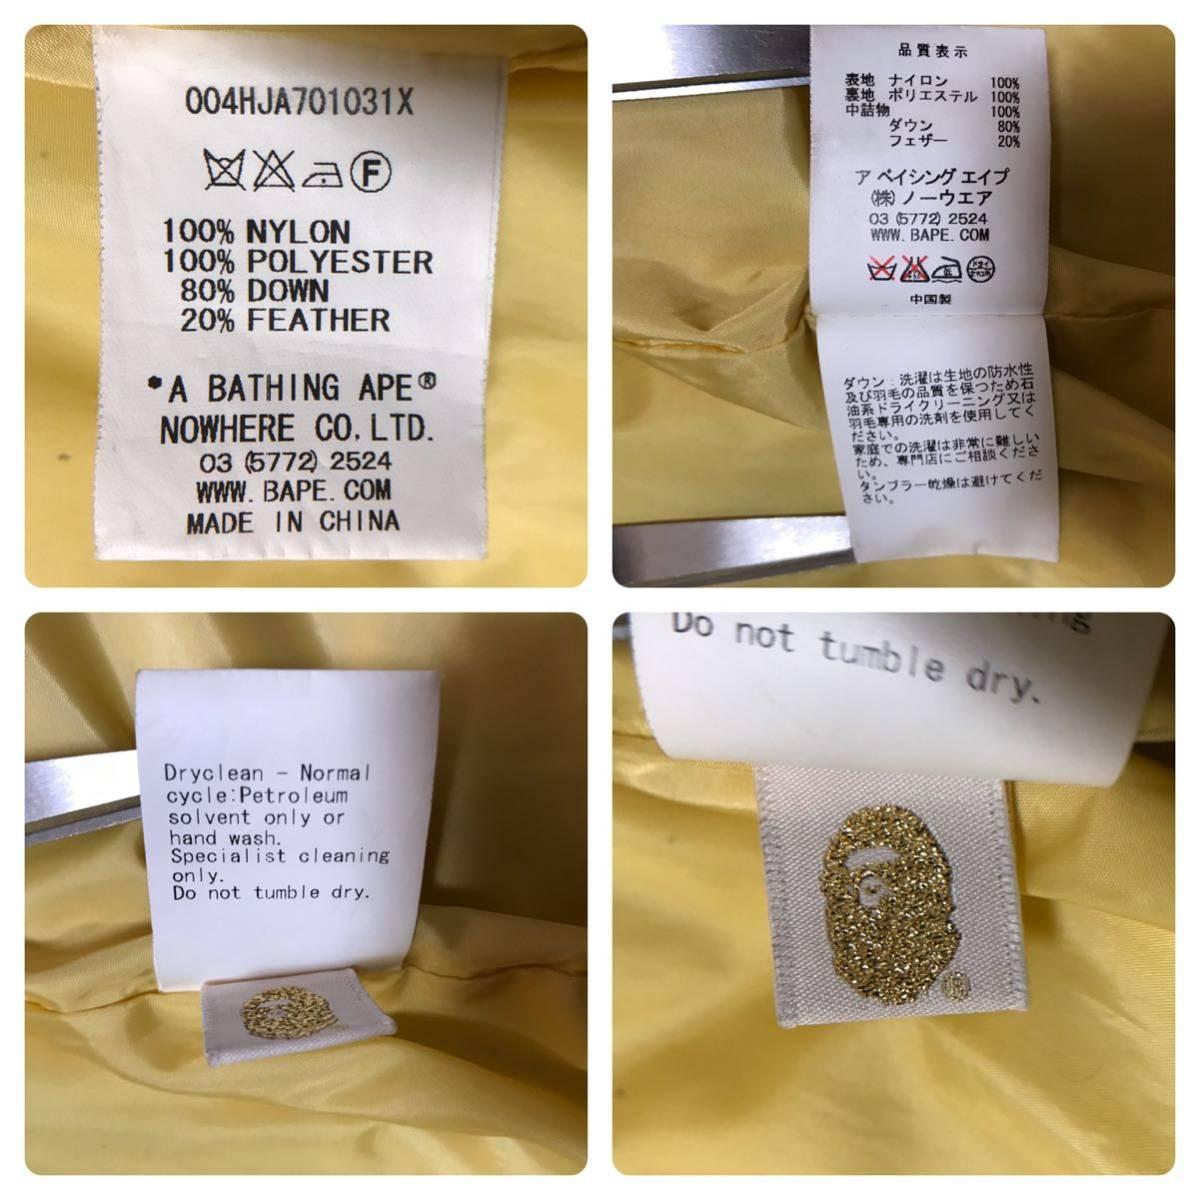 ダウンジャケット giant camo yellow Mサイズ a bathing ape BAPE hoodie down jacket エイプ ベイプ アベイシングエイプ 迷彩 654